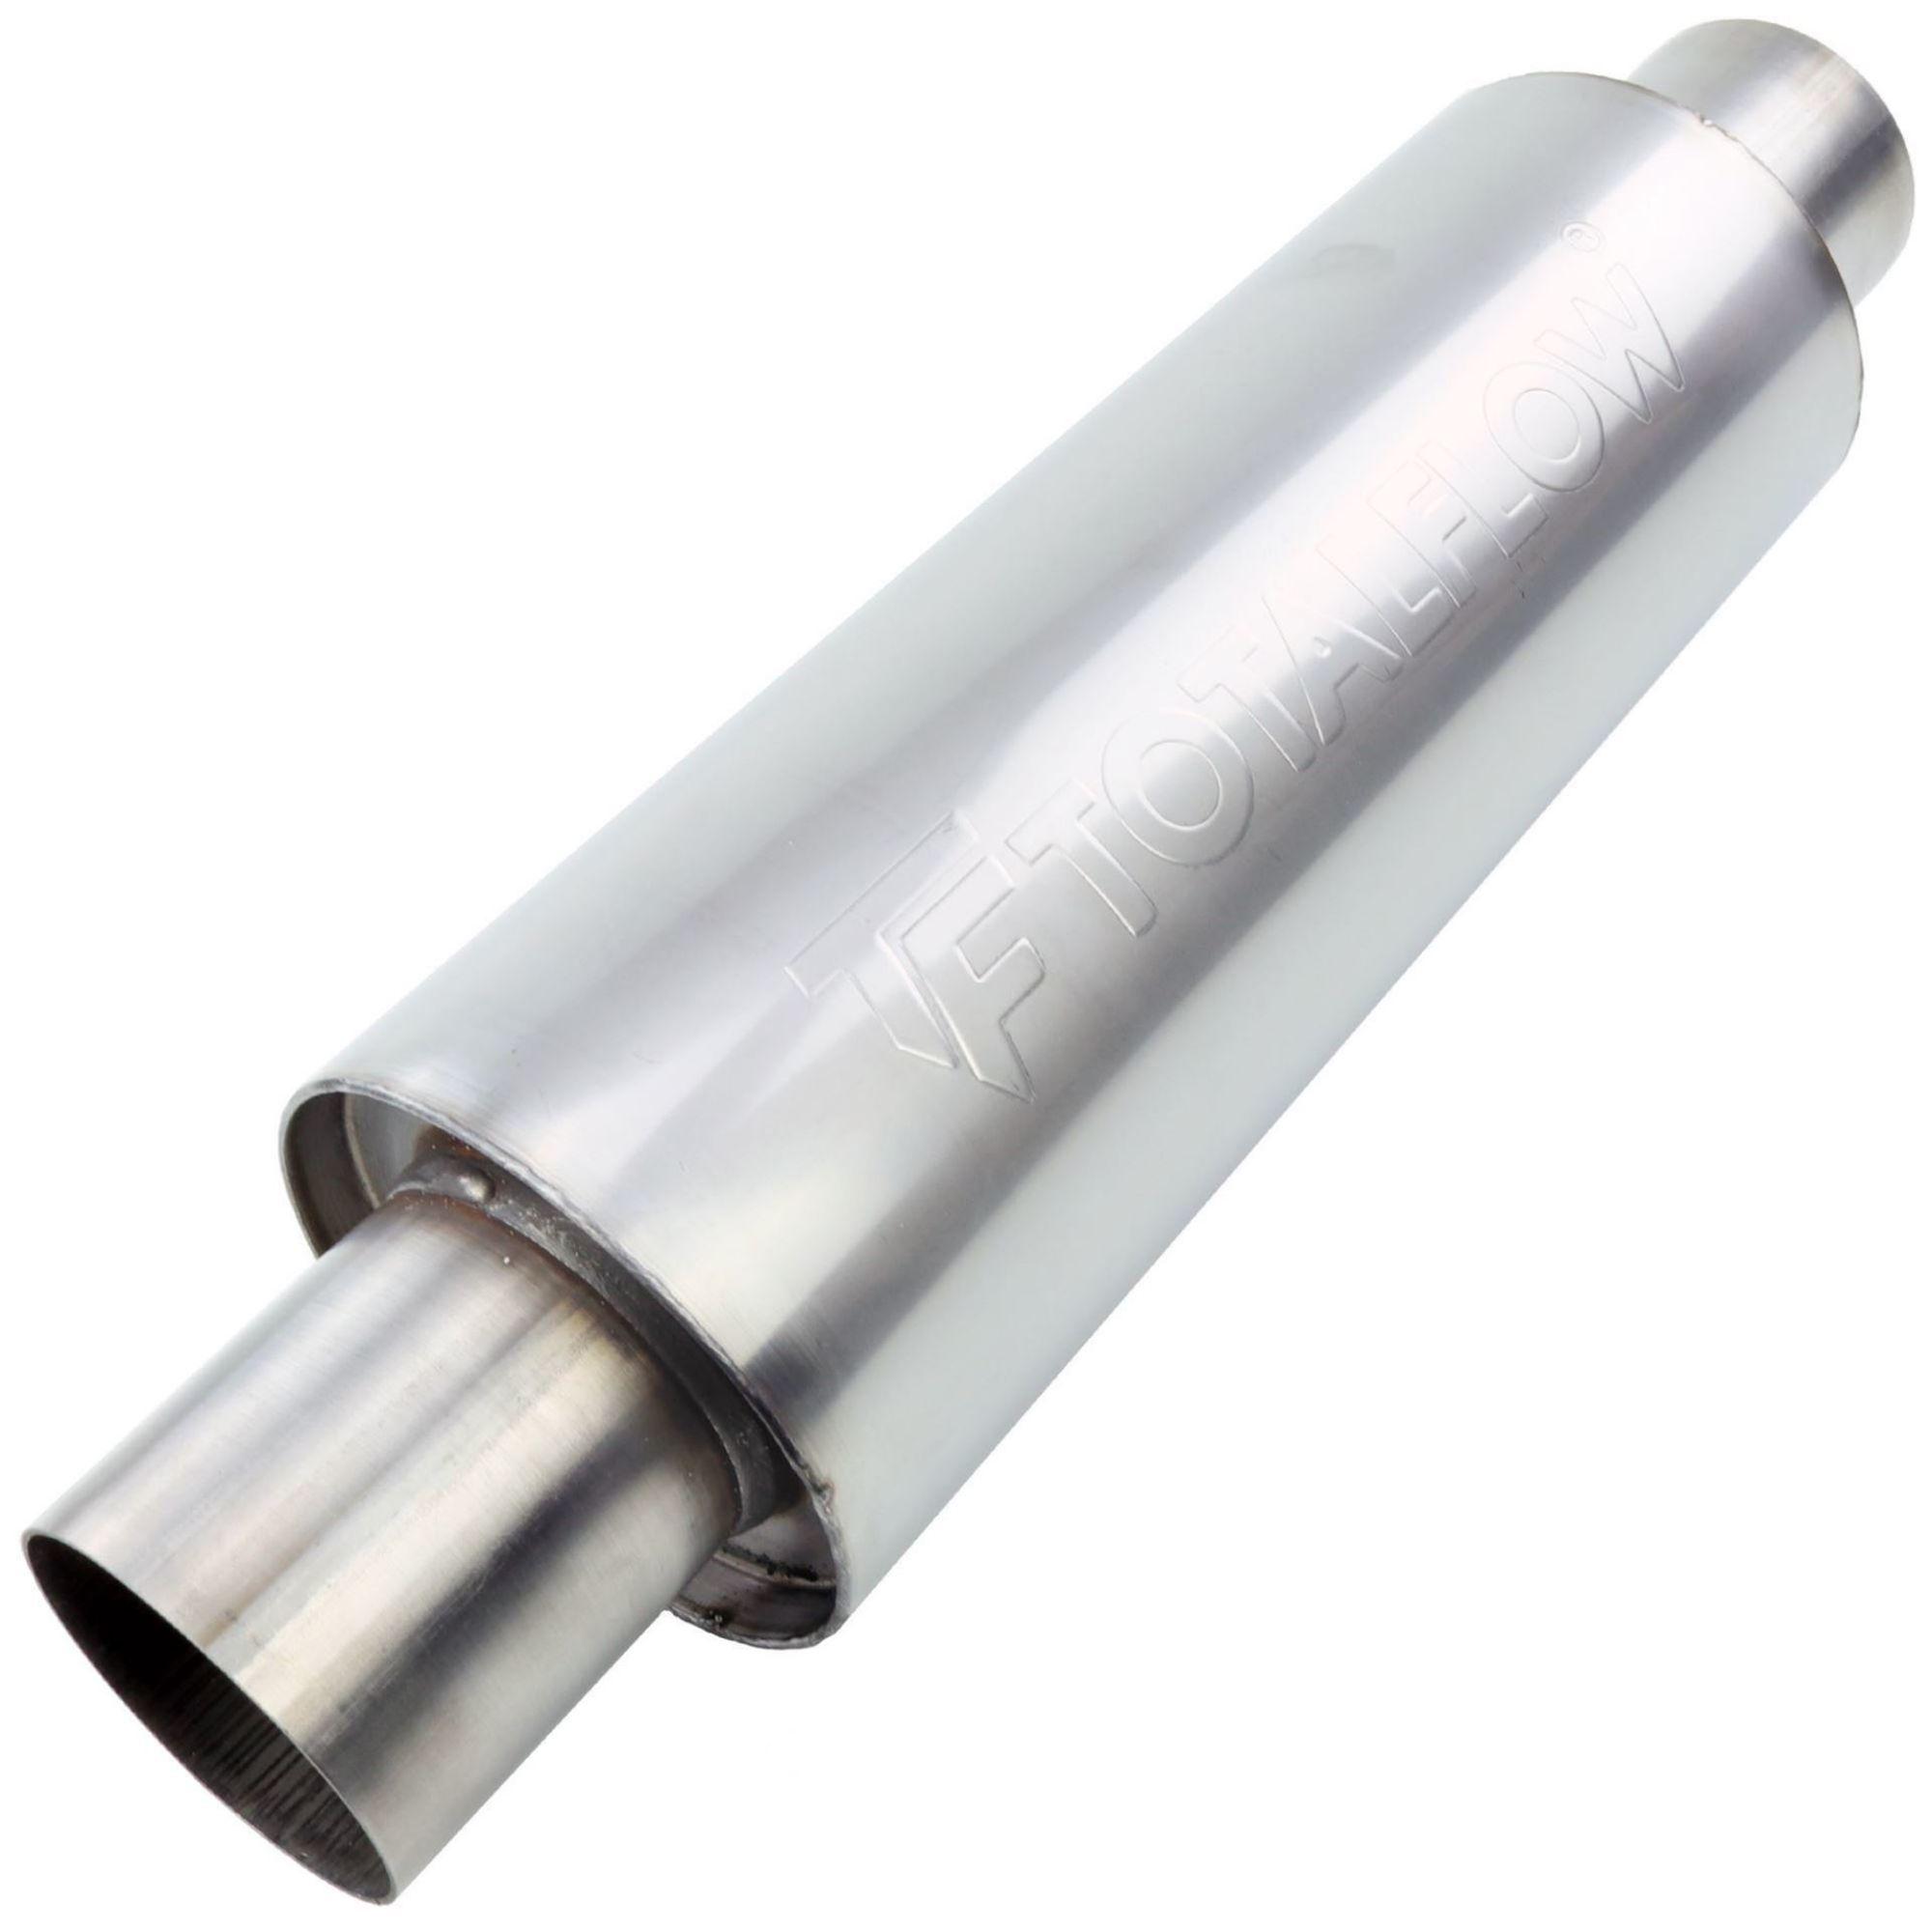 TOTALFLOW 22416 Straight Through Universal Exhaust Muffler - 2.5 Inch ID